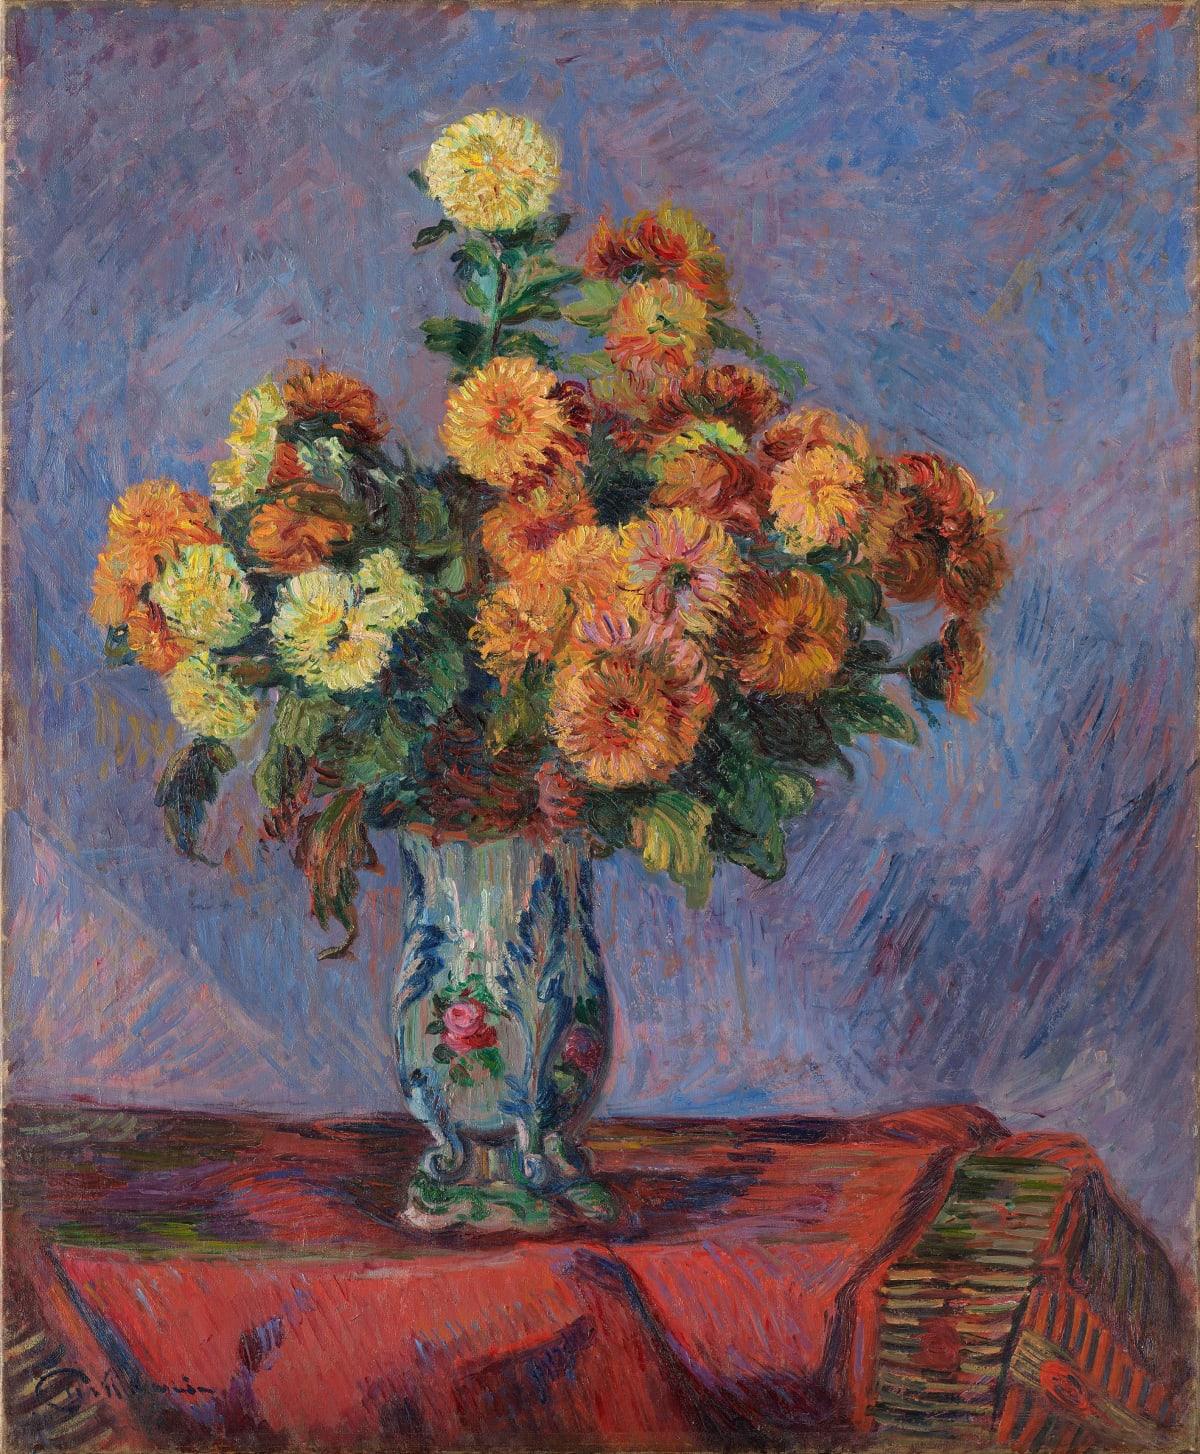 Armand Guillaumin Bouquet de fleurs sur une table, c.1900 Oil on canvas 72.5 x 60 cm 28 9/16 x 23 5/8 inches Signed lower left